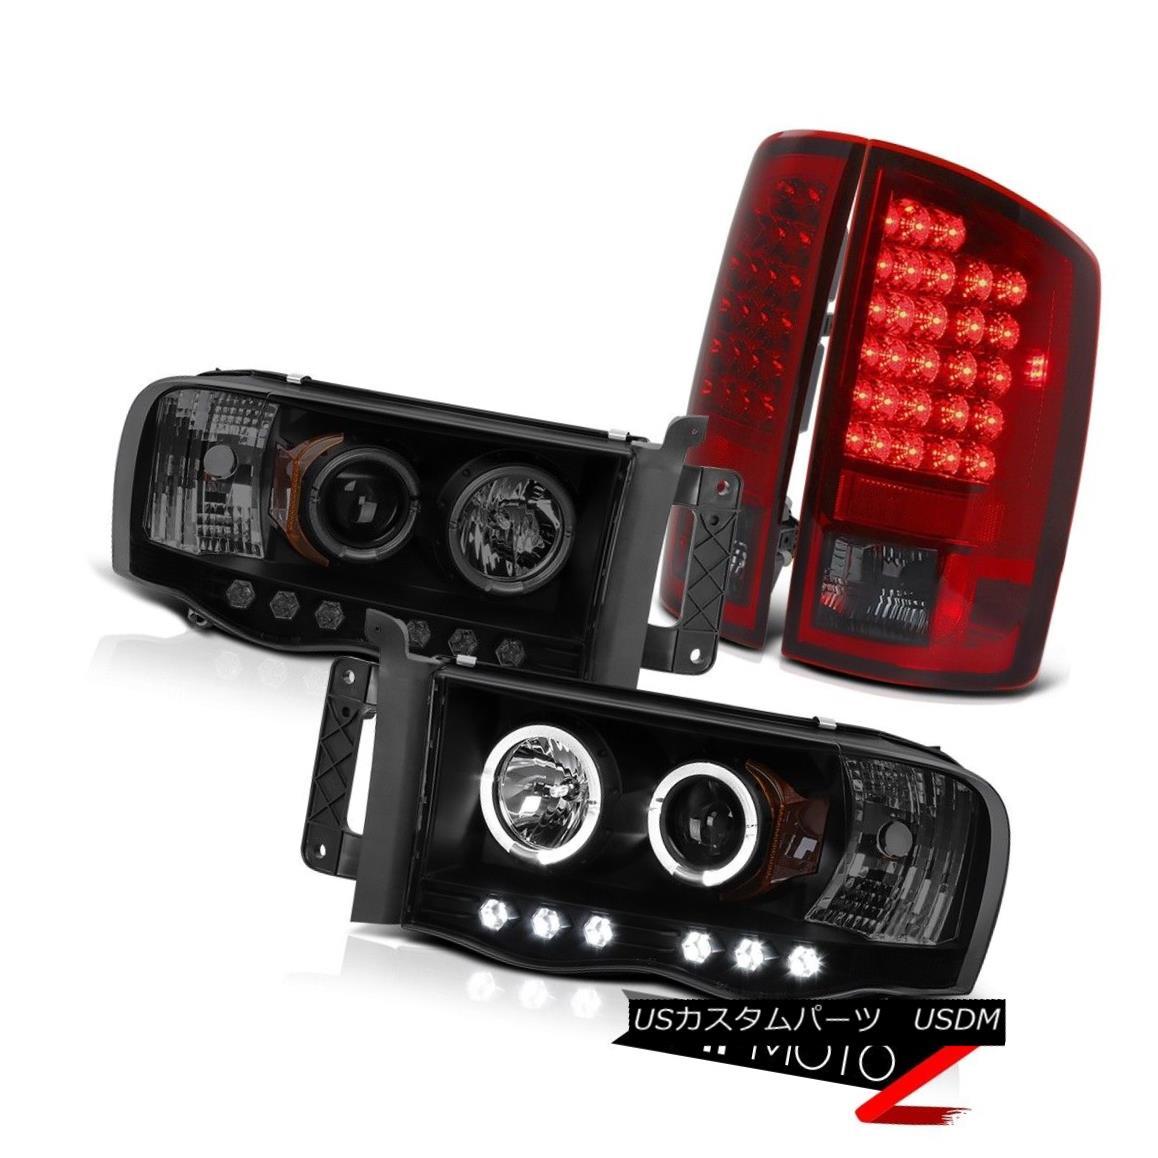 ヘッドライト 2002-2005 Dodge Ram WS Darkest Black Halo LED Headlights Bulbs Brake Tail Light 2002-2005ダッジラムWS最暗ブラックハローLEDヘッドライト電球ブレーキテールライト